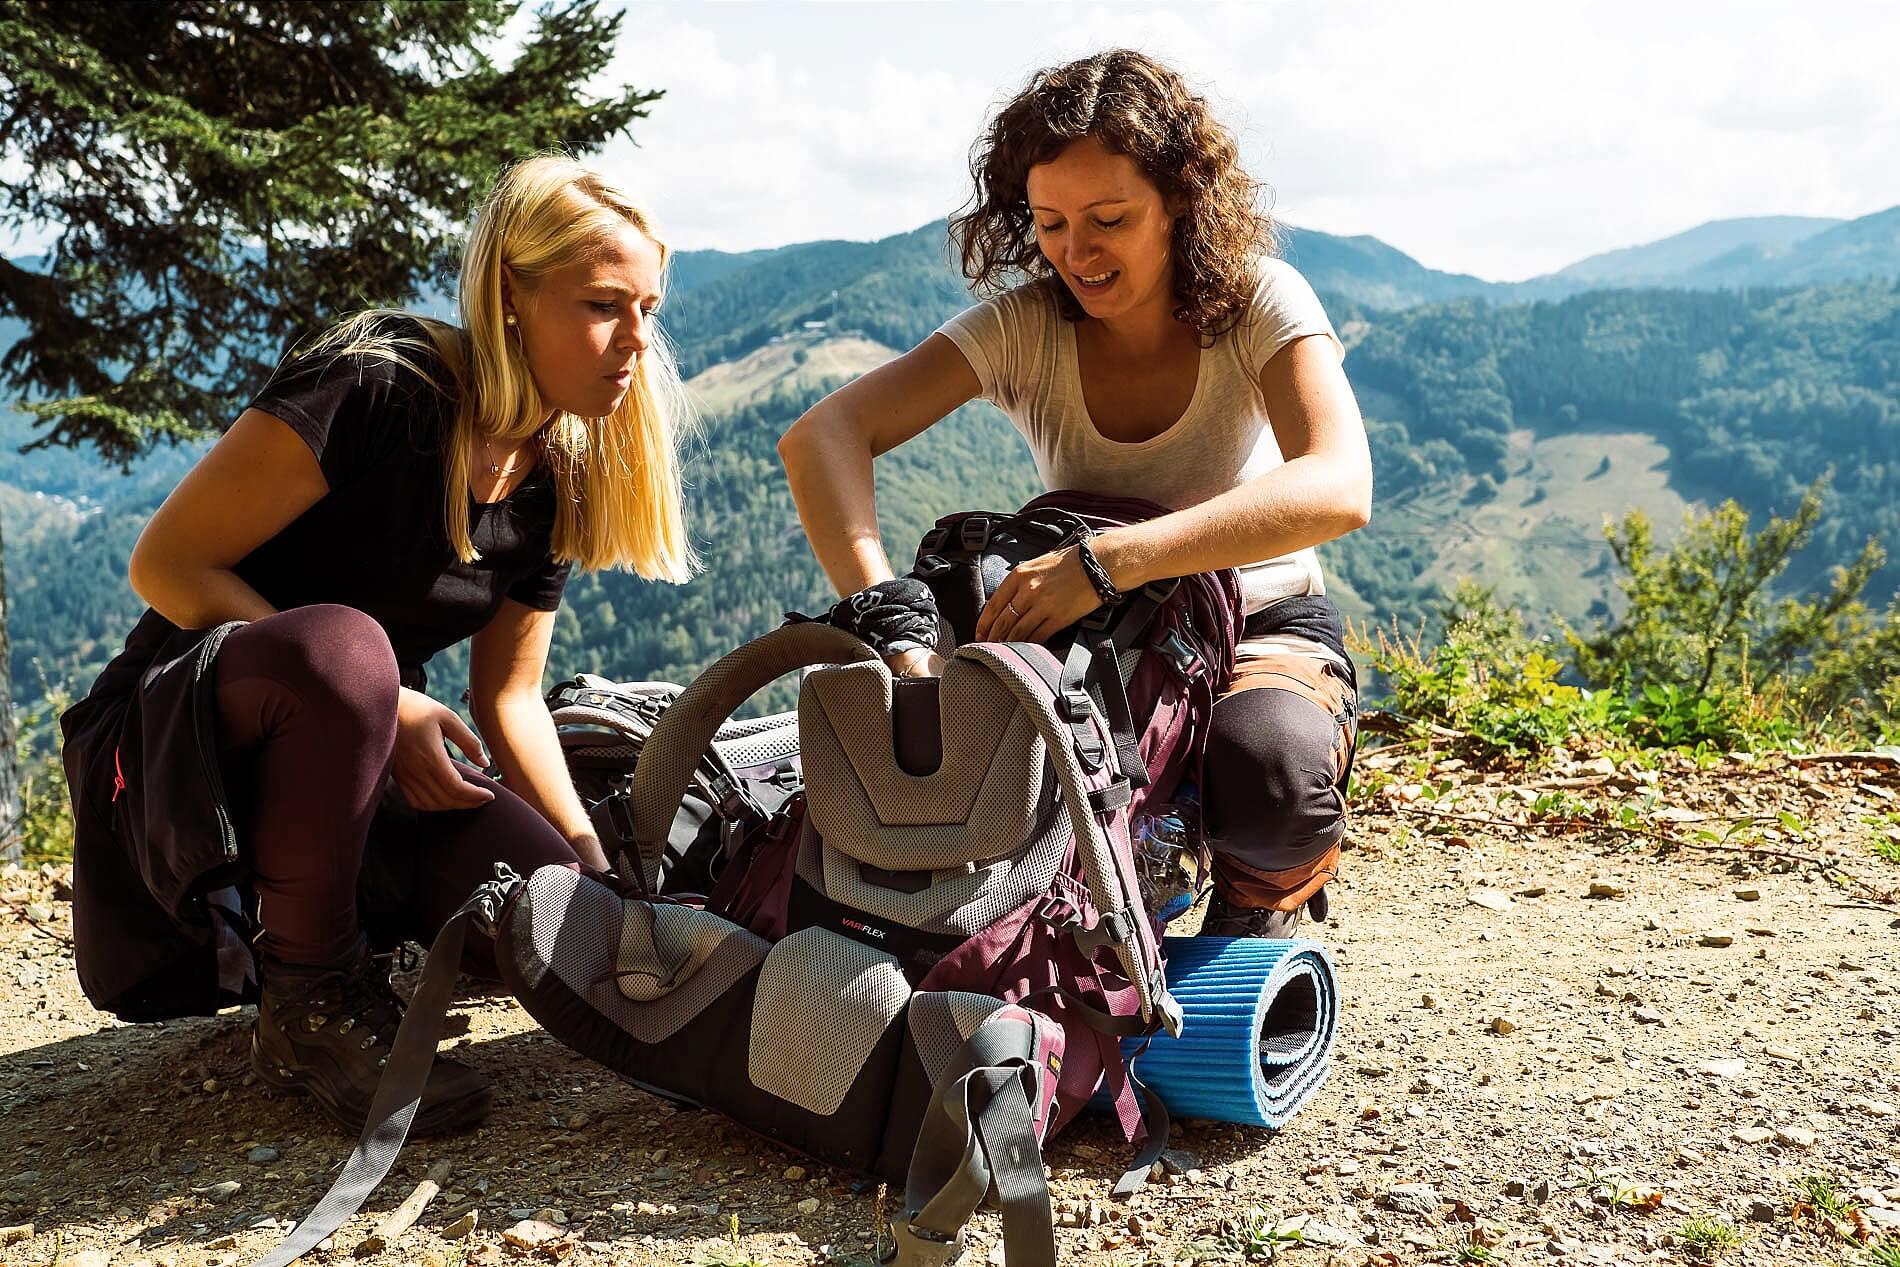 Anleitung über Rucksackeinstellungen beim Trekkingkurs